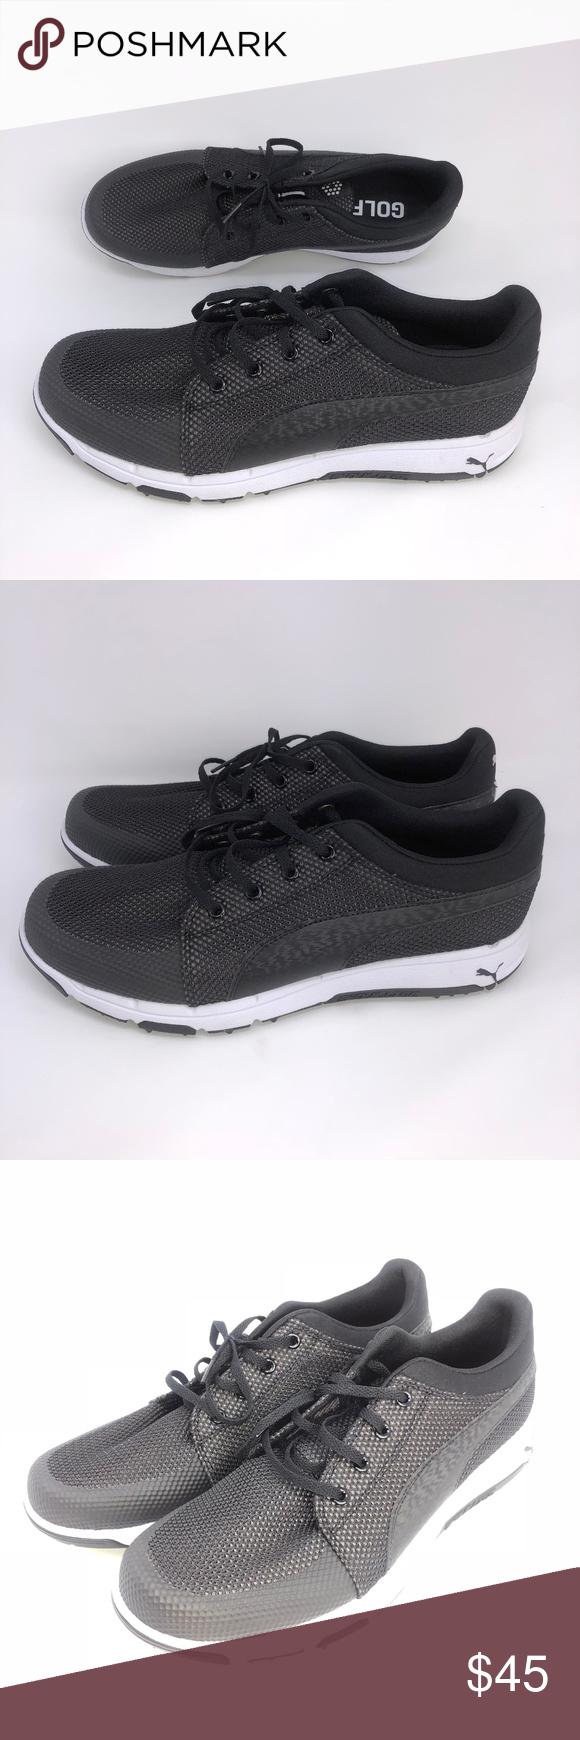 92986d574dc10b NEW Puma Men s Grip Sport Tech Golf Shoes Black NEW Puma Men s Grip Sport  Tech Golf Shoes Black Size 8.5-10.5 Mesh EVA Rubber sole Shaft measures ...